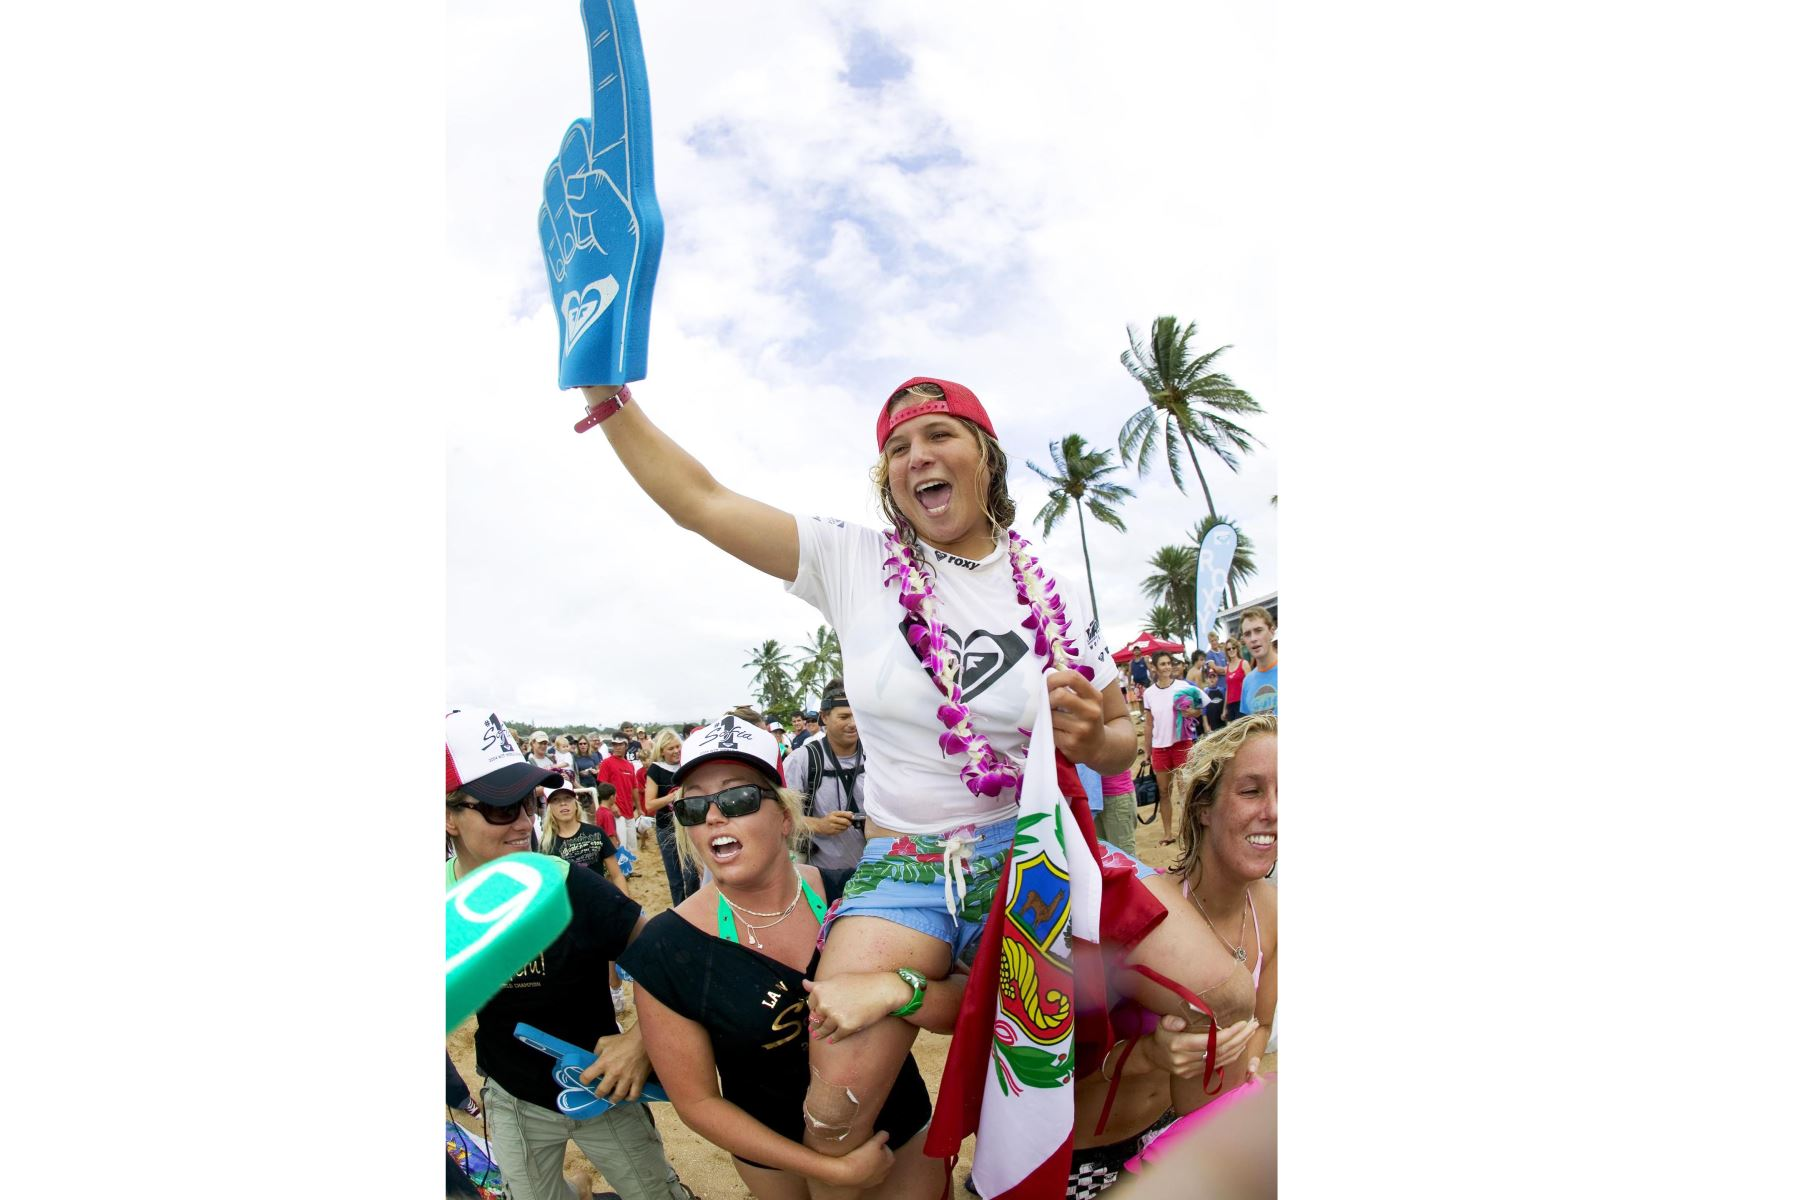 Sofia Mulanovich celebra tras ganar el título inaugural del campeonato mundial del 2004 en el Roxy Pro Haleiwa en Haleiwa, Hawai. Foto: AFP